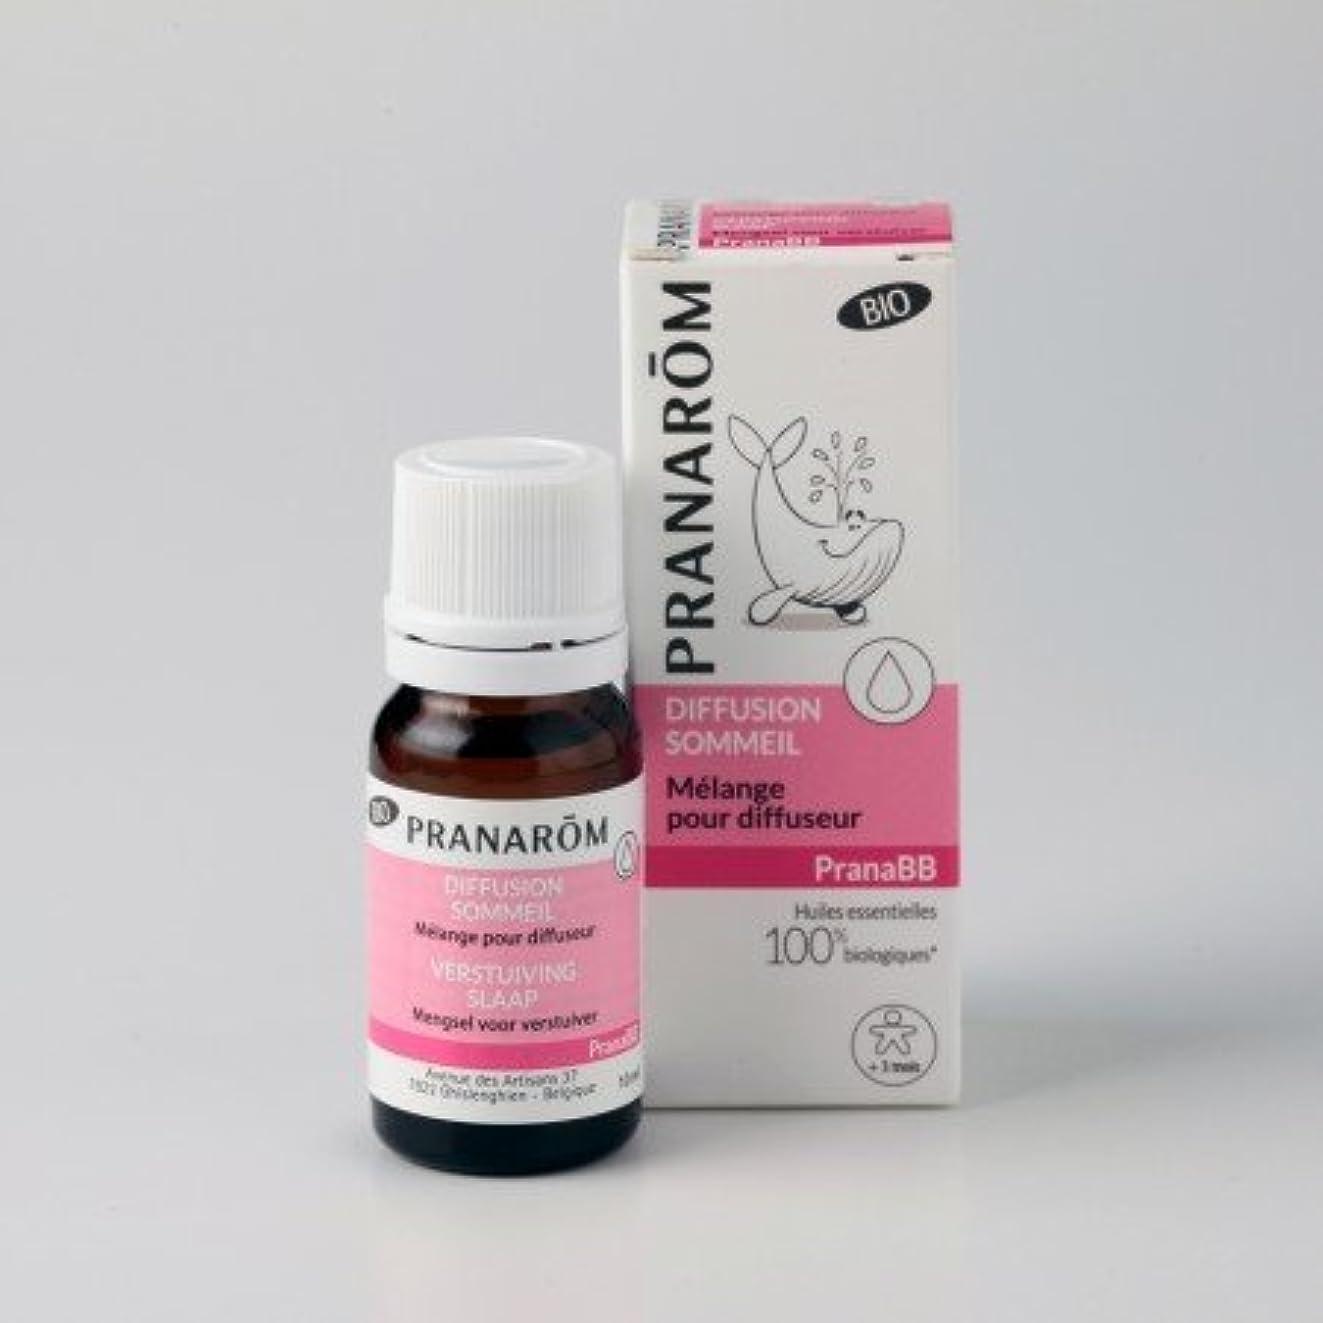 大脳デザイナー適度なプラナロム ( PRANAROM ) ルームコロン ディフューザーオイル?スリープ 10ml 02611 プラナBB ディフューザーブレンドオイル